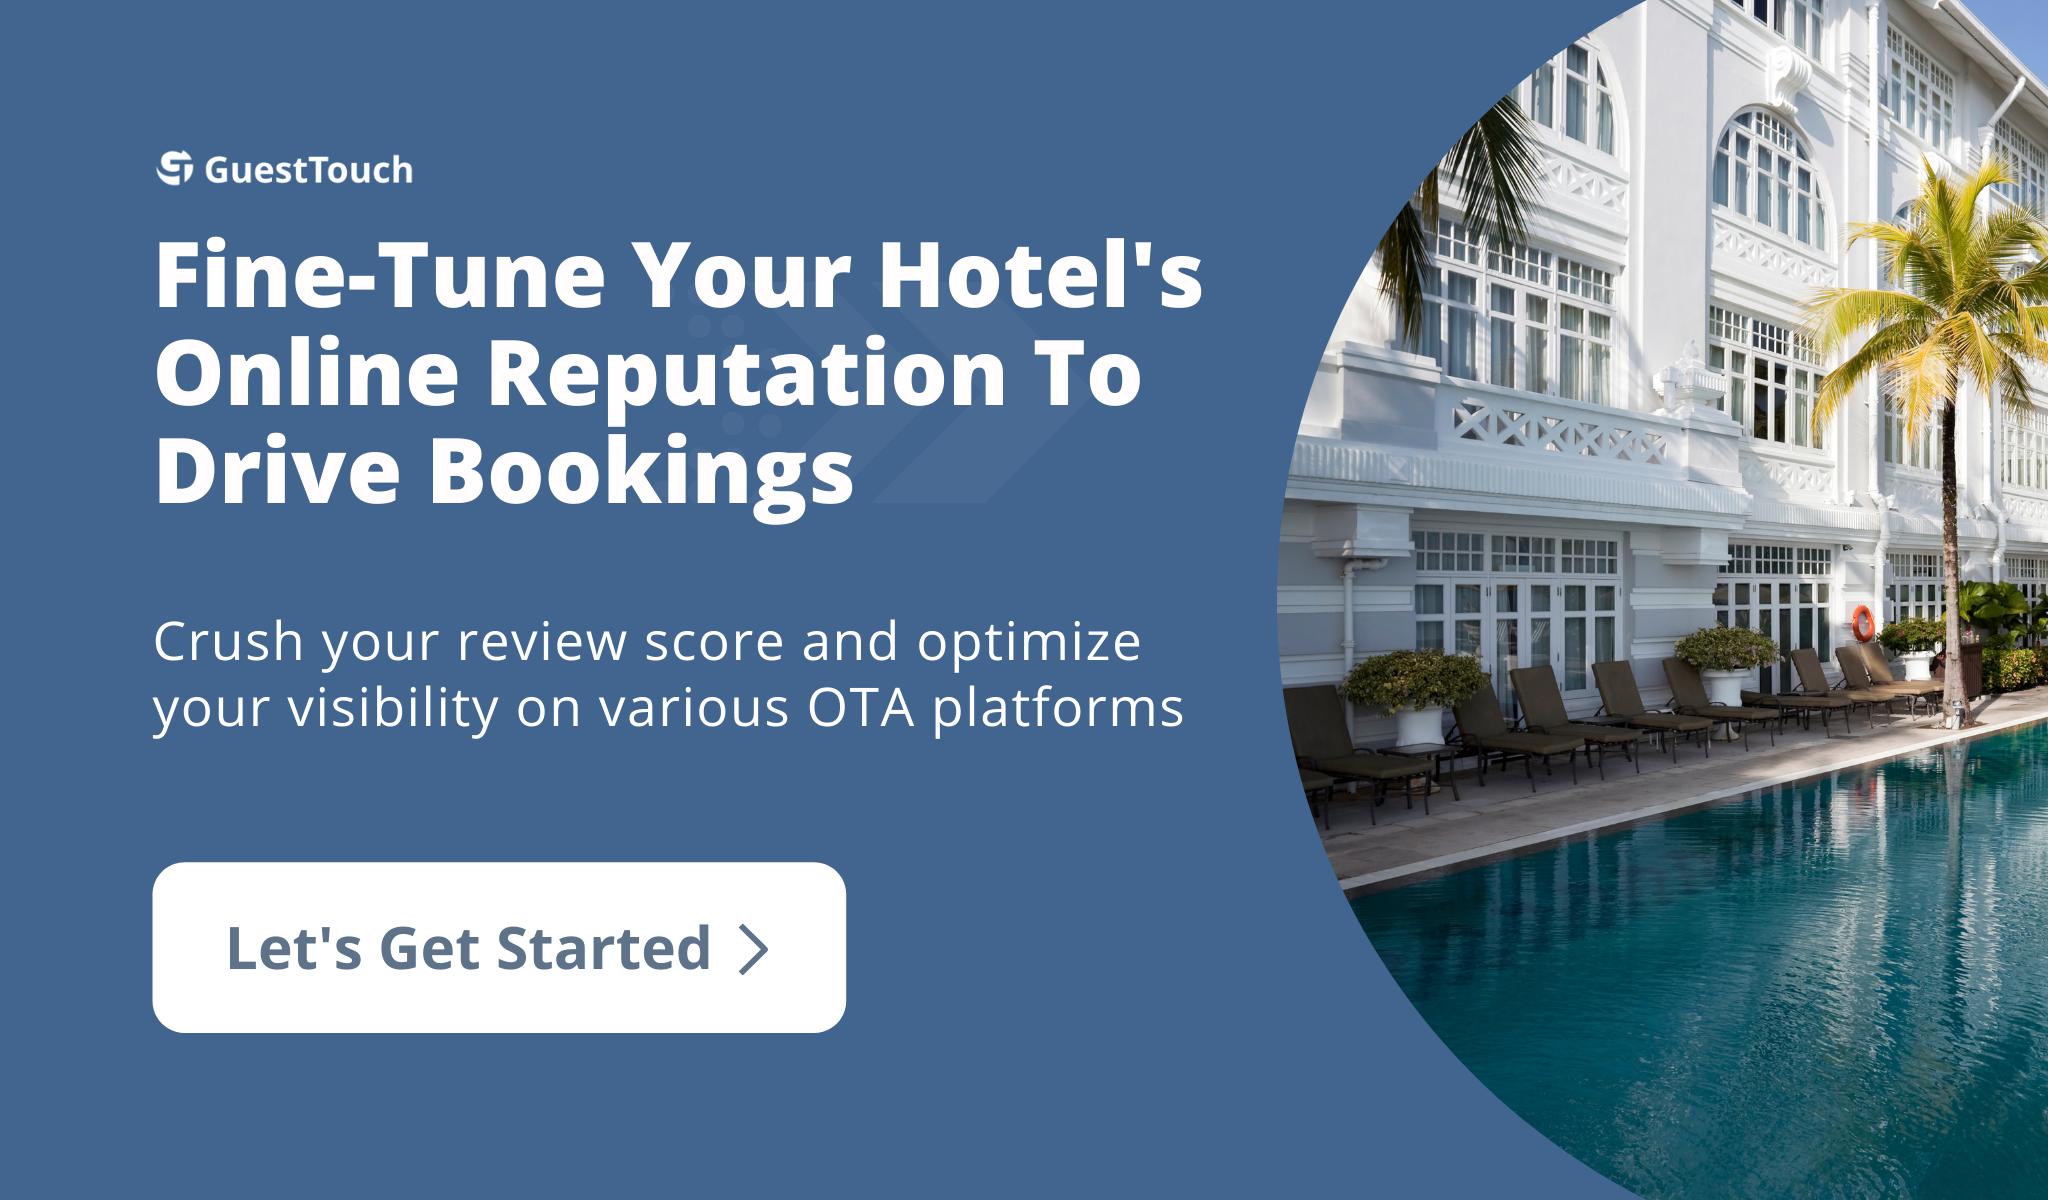 hotel rep desktop CTA